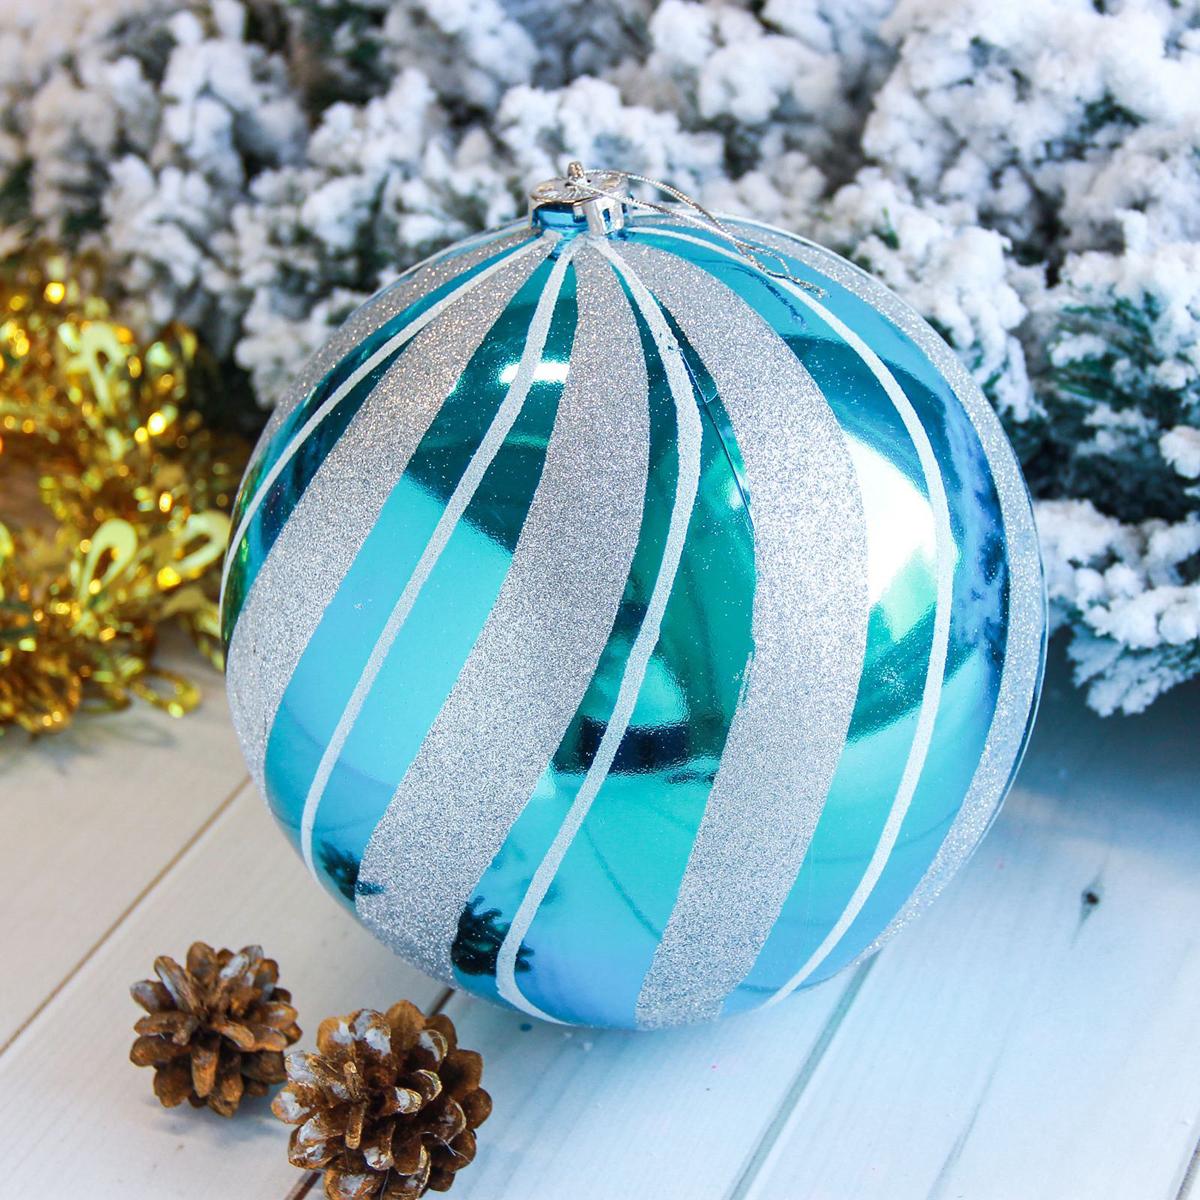 Новогоднее подвесное украшение Sima-land Мега. Полосы, диаметр 20 см. 2122925 новогоднее подвесное украшение sima land зимний узор диаметр 10 см